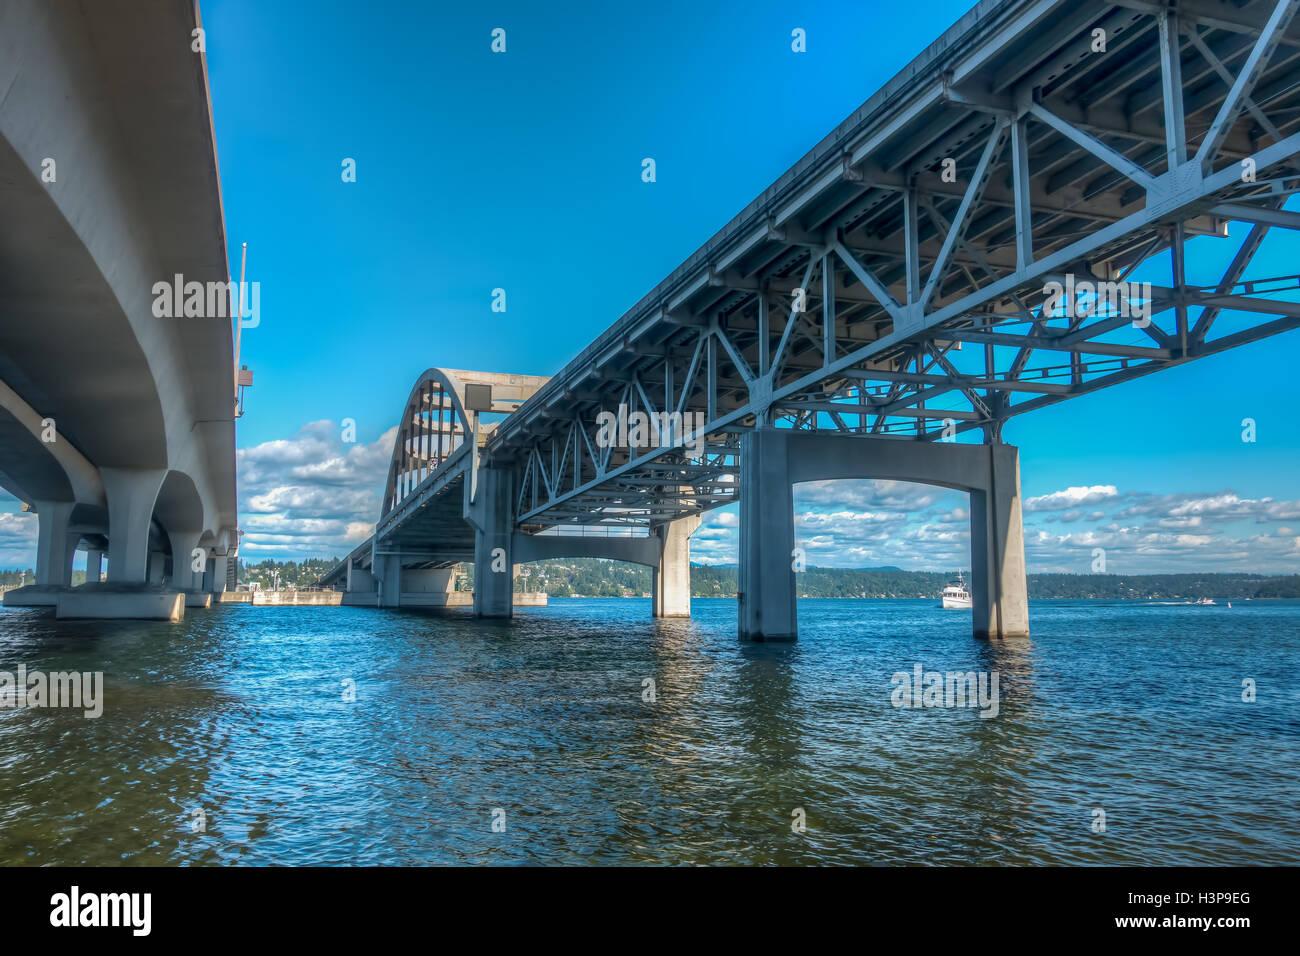 Ein Blick unter die i-90 Brücke in Seattle, Washington. HDR-Bild. Stockbild